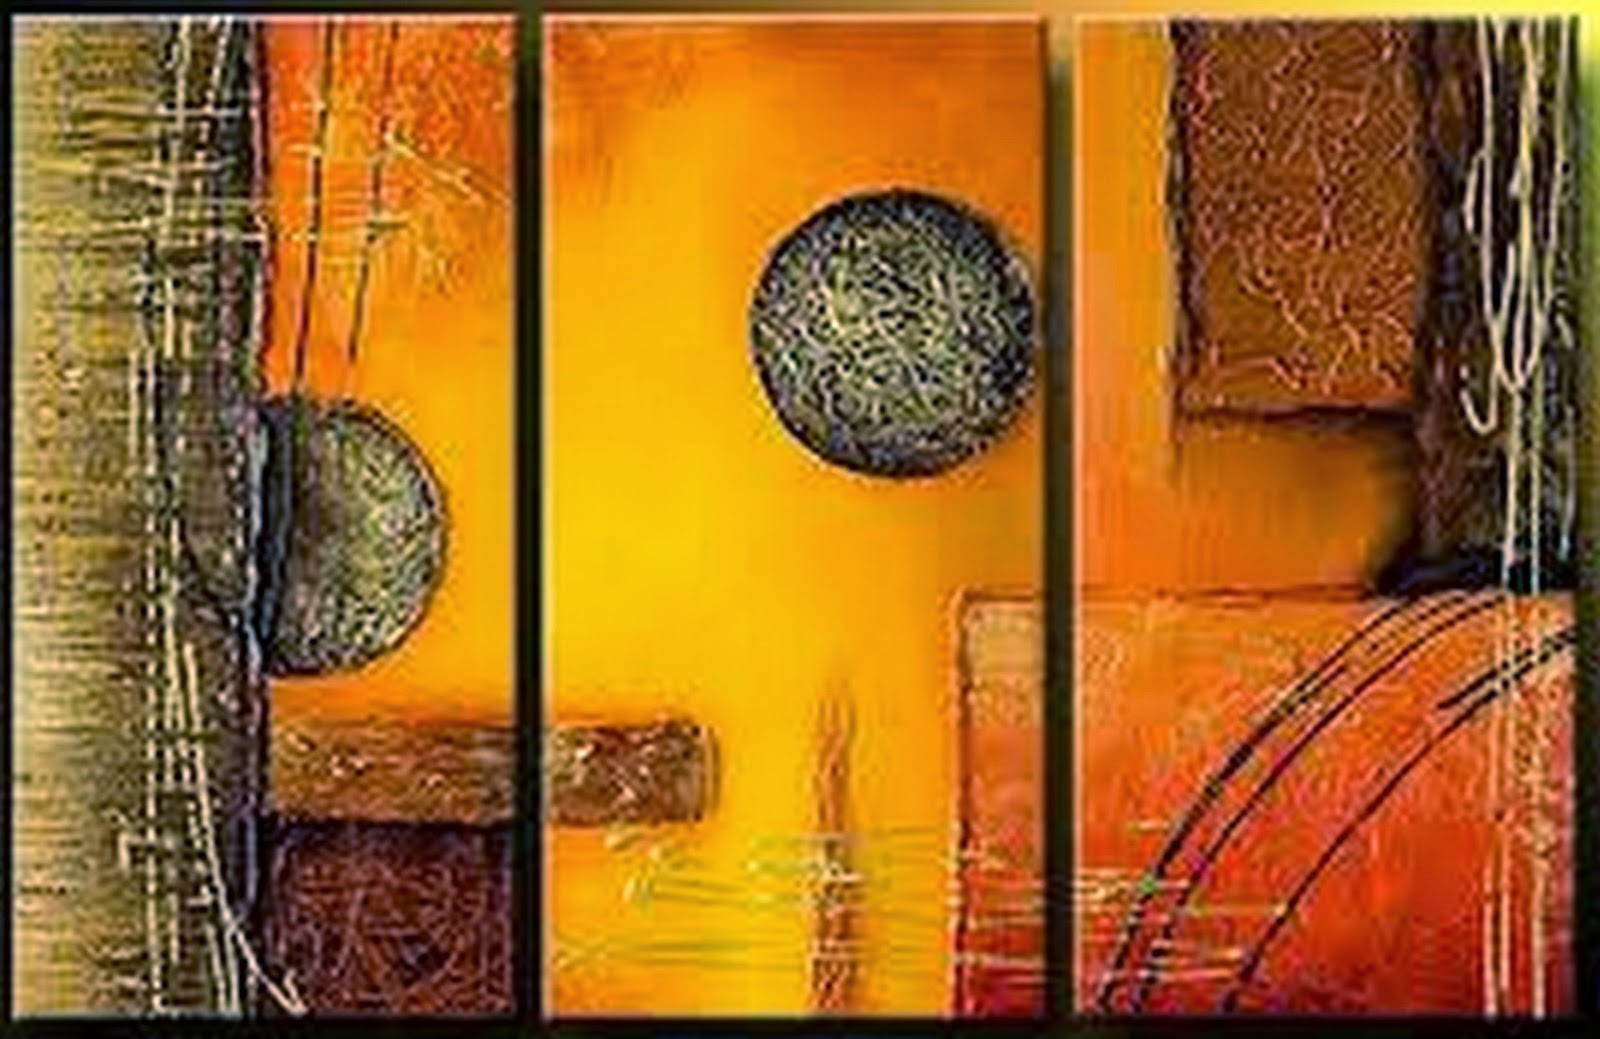 Cuadros modernos pinturas y dibujos pinturas modernas de - Pintura cuadros modernos ...